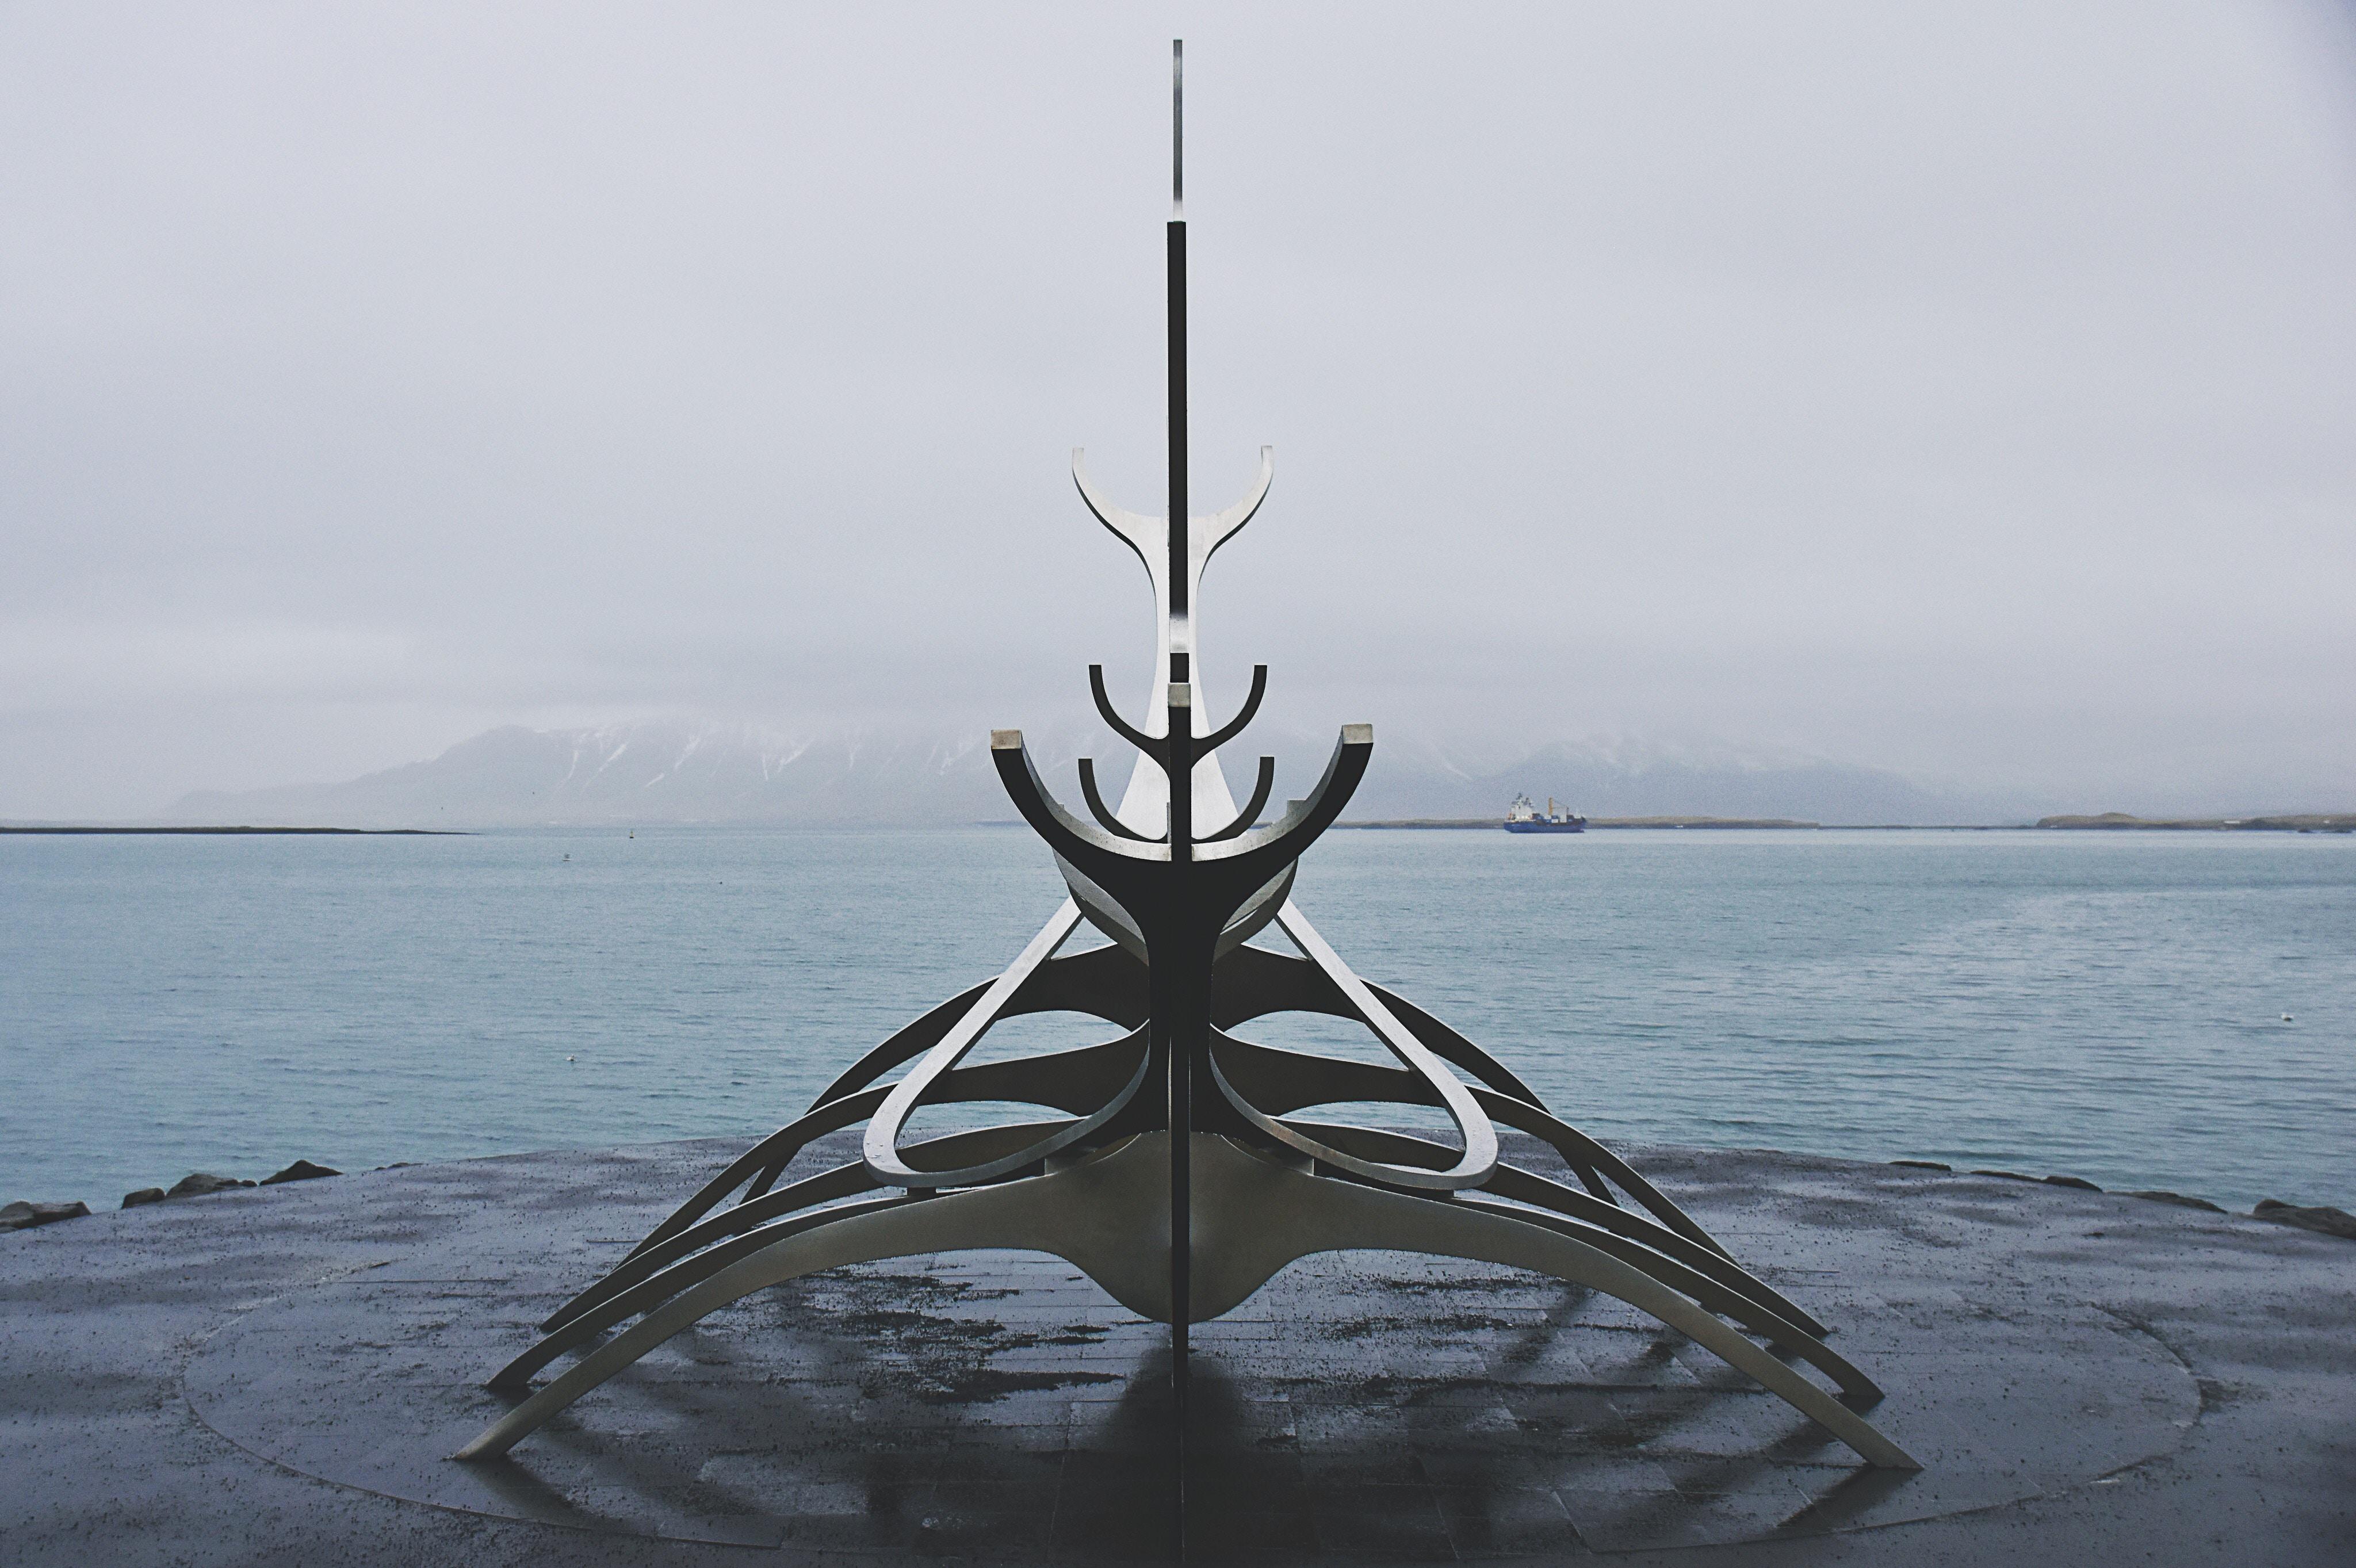 冰岛经典冰火之旅6日游 中文向导 含杰古沙龙冰河湖 - day 6